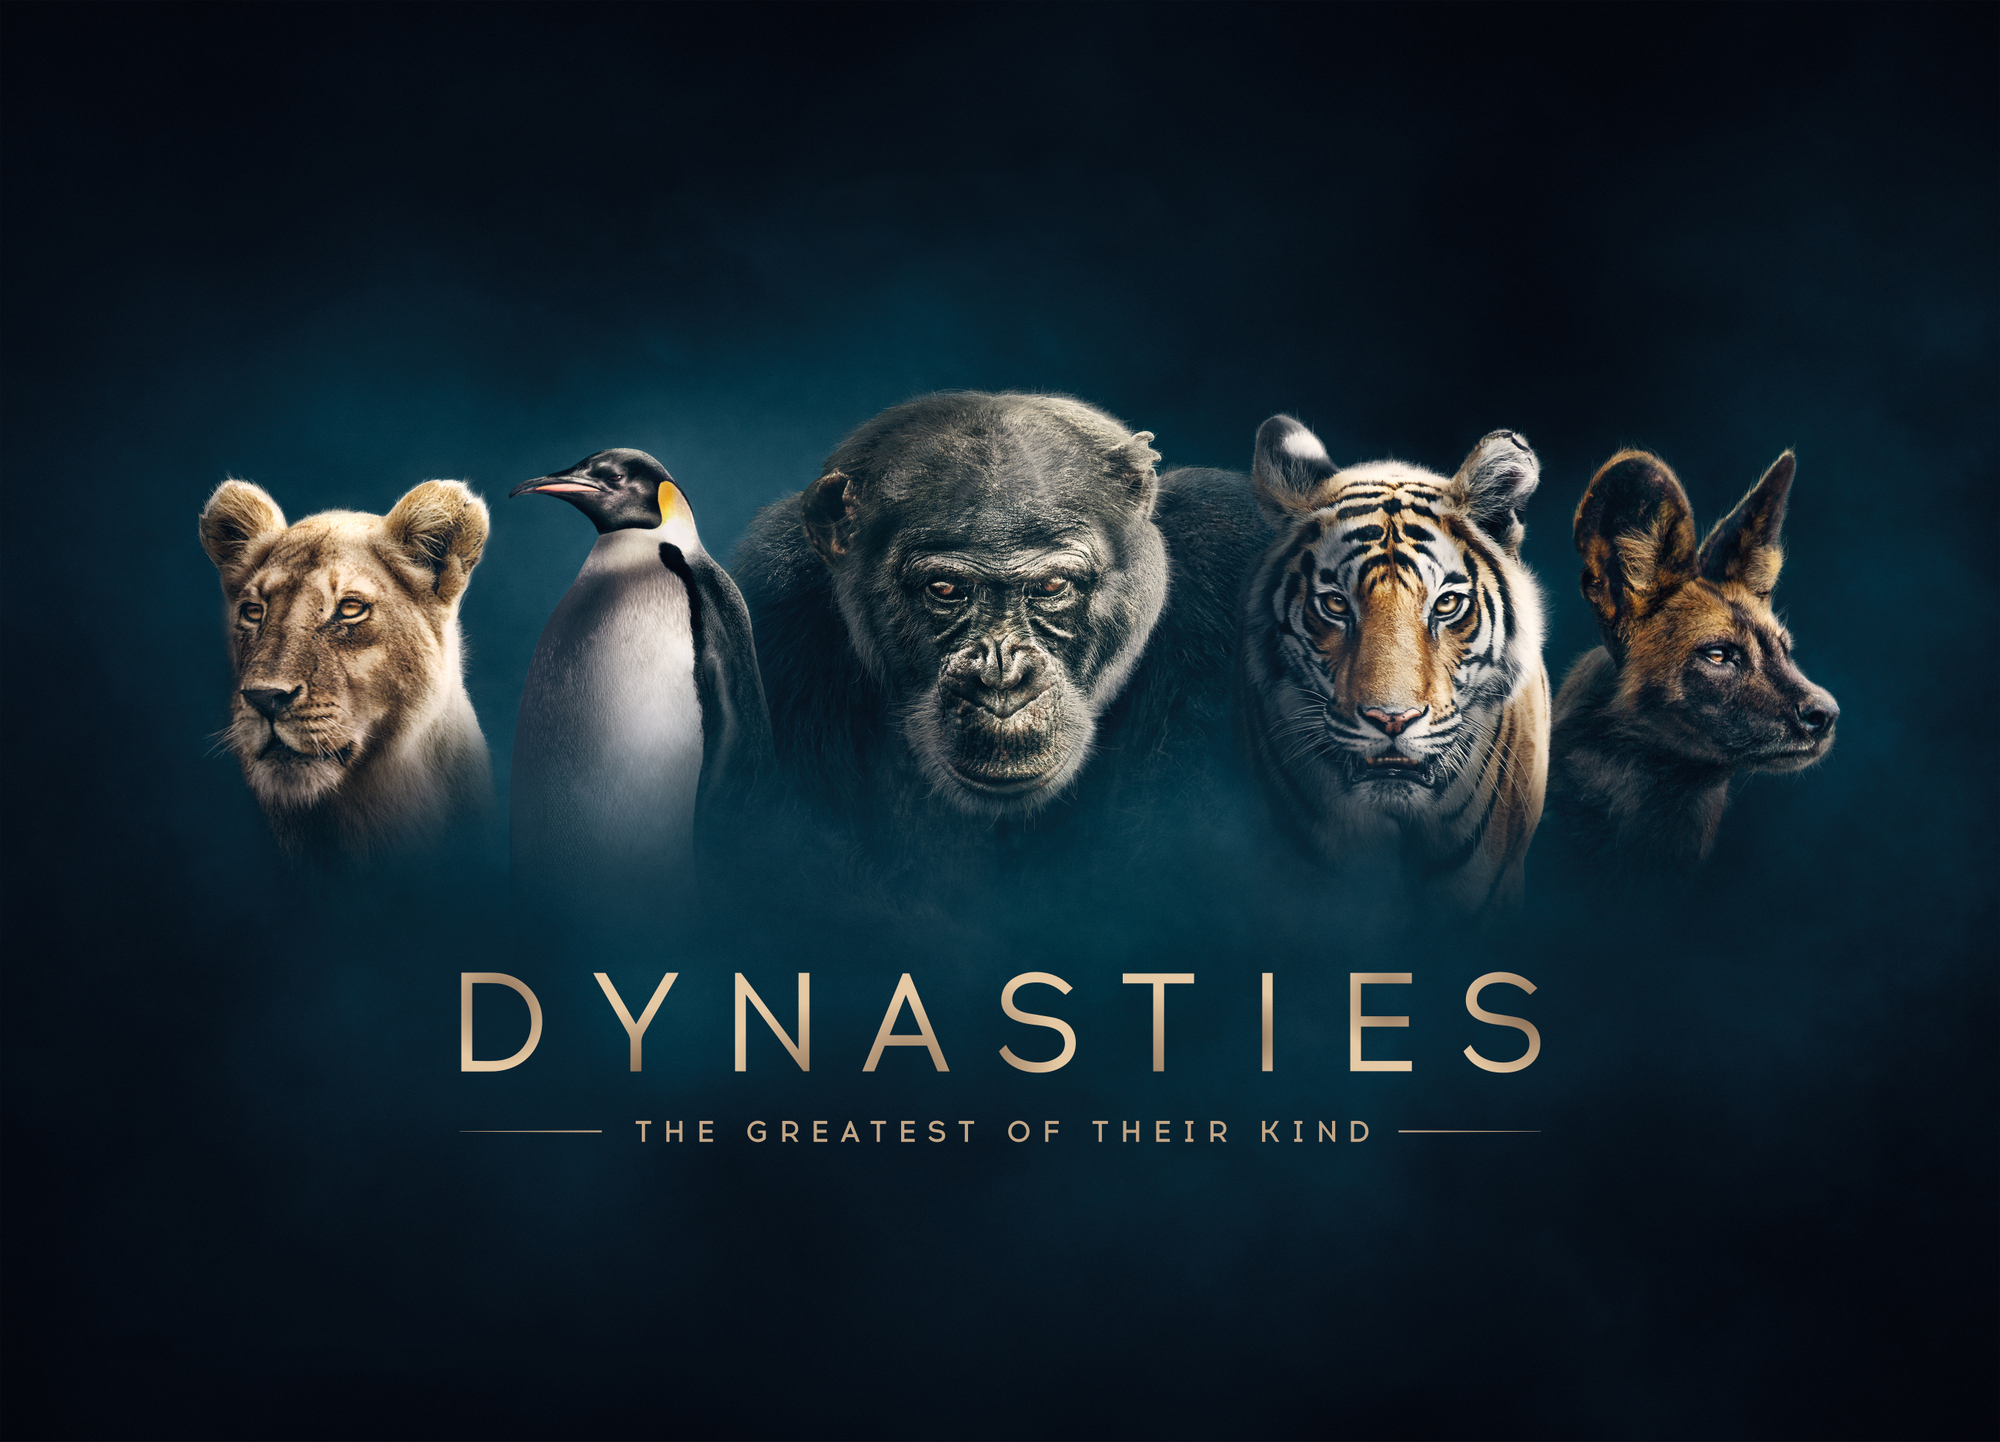 Binnenkort op tv de gloednieuwe BBC-natuurserie Dynasties, een aanrader!